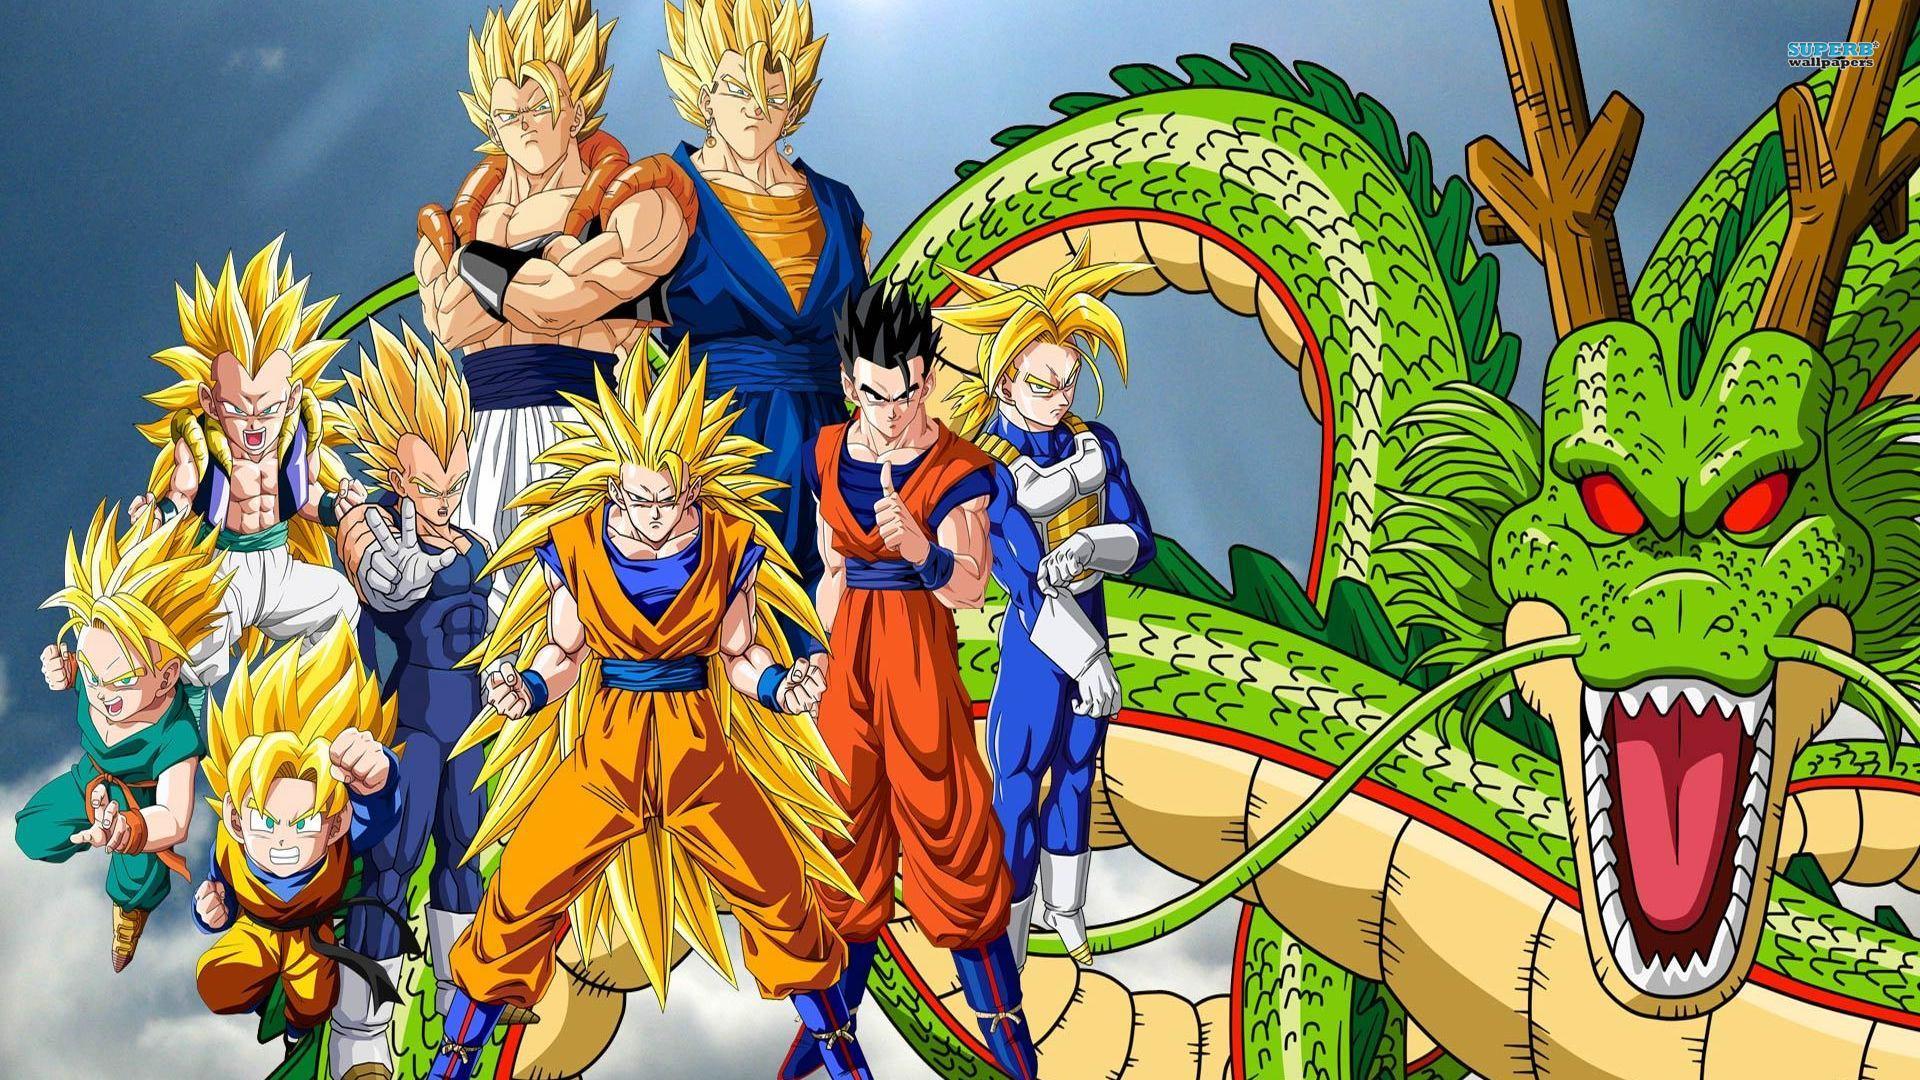 Dragon Ball z Wallpaper hd 1920x1080 Dragon Ball z Wallpaper hd 1920x1080